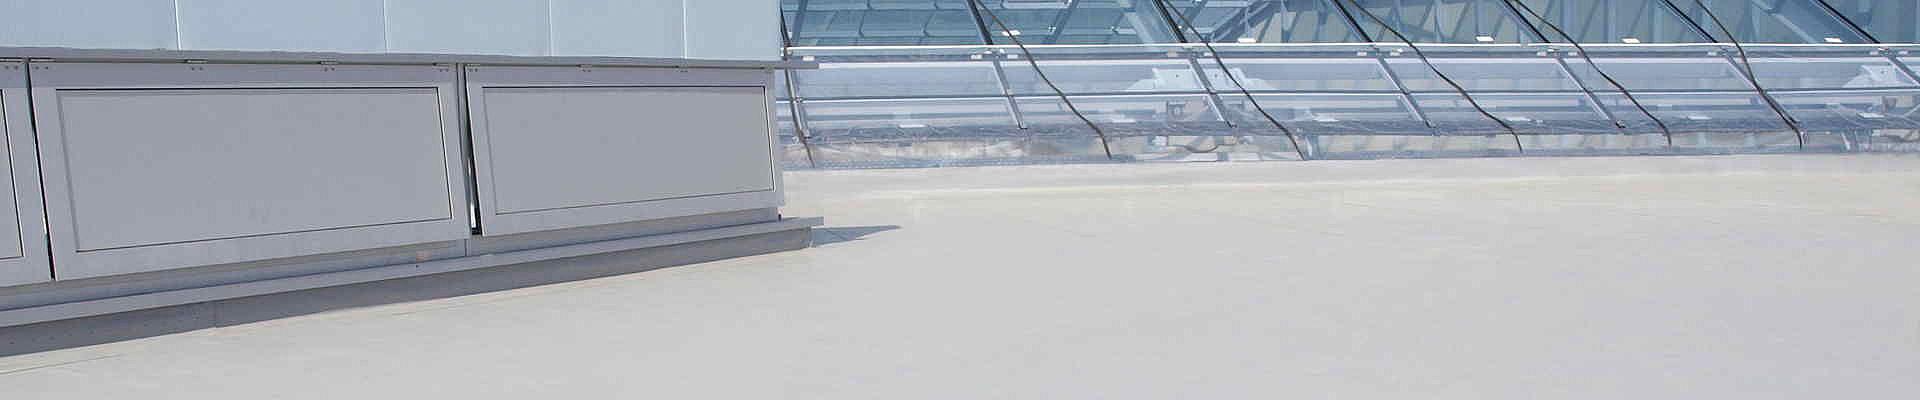 Das Umkehrdach ist eine Speziallösung für die Dämmung eines Flachdachs.